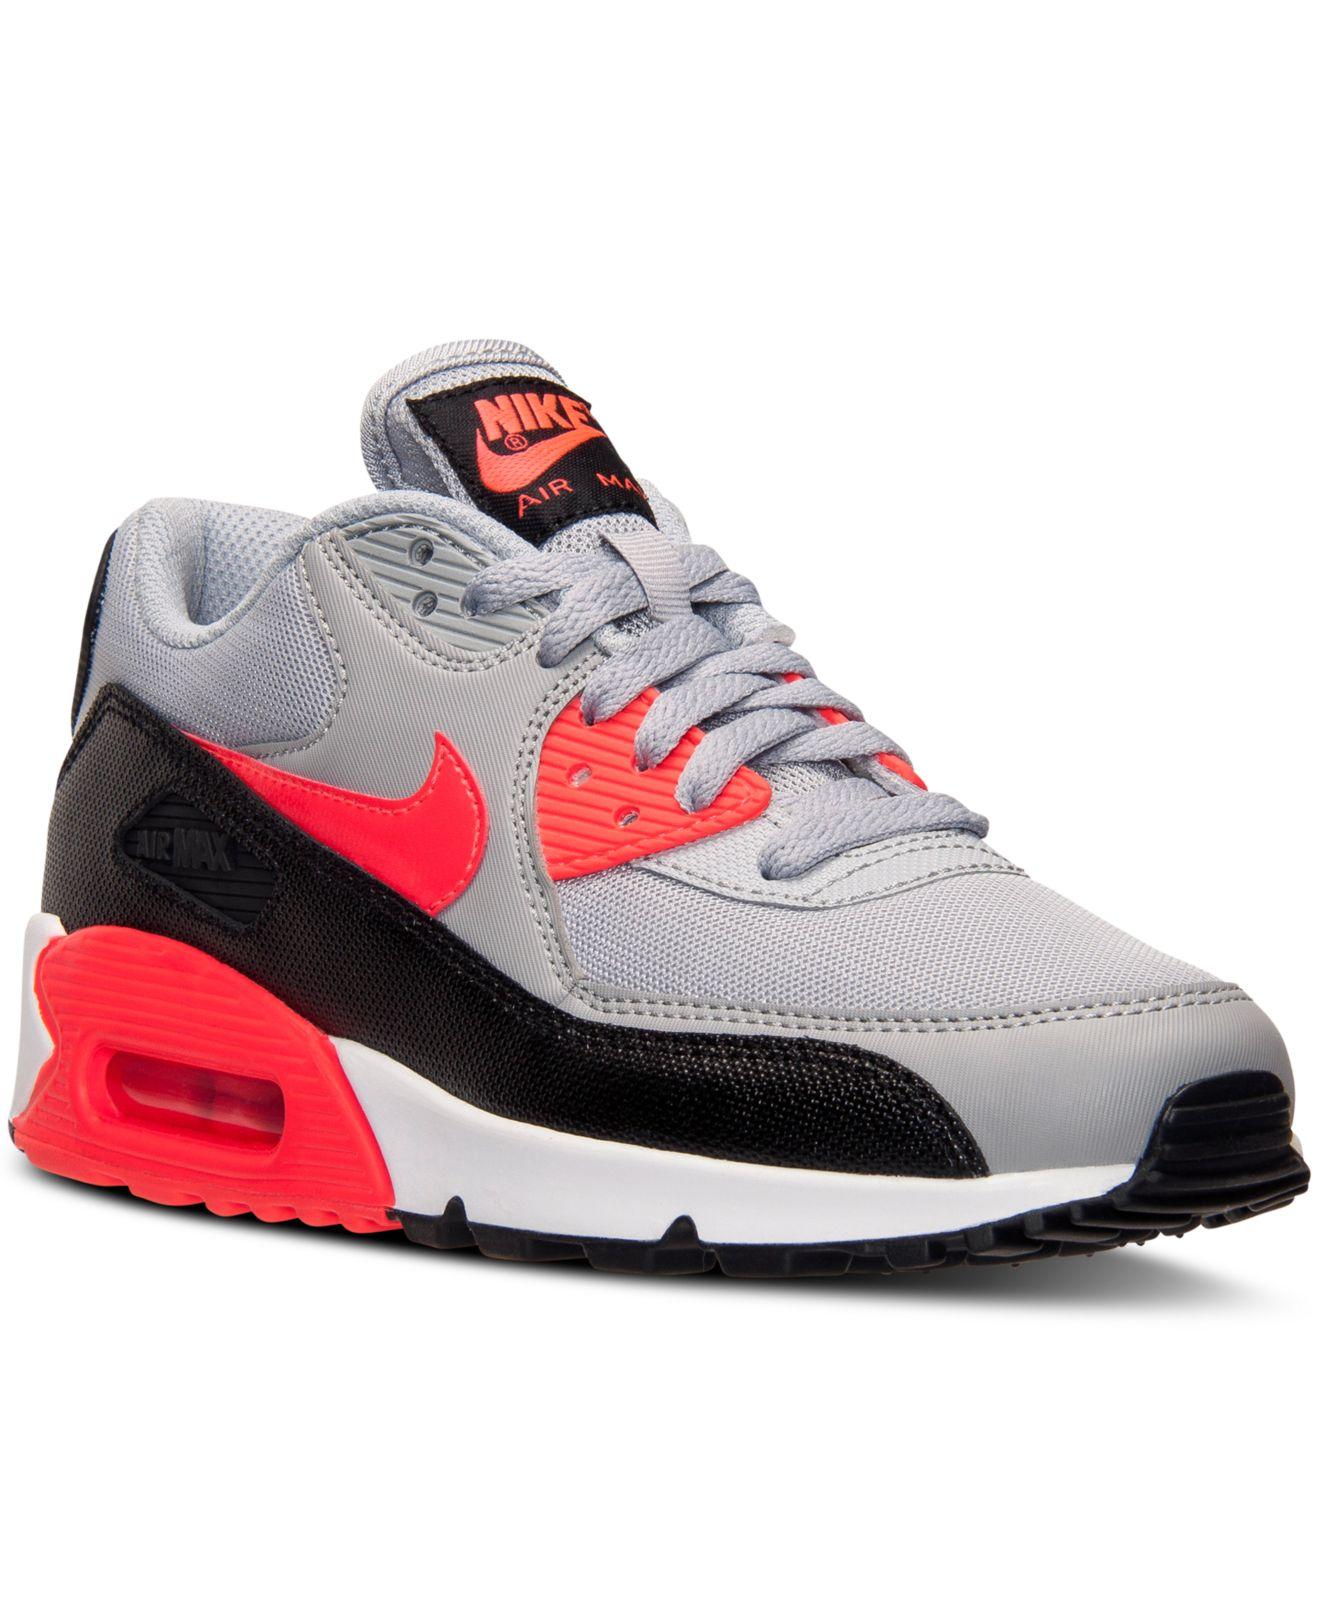 lyst nike air max 90 donne essenziale scarpe da corsa